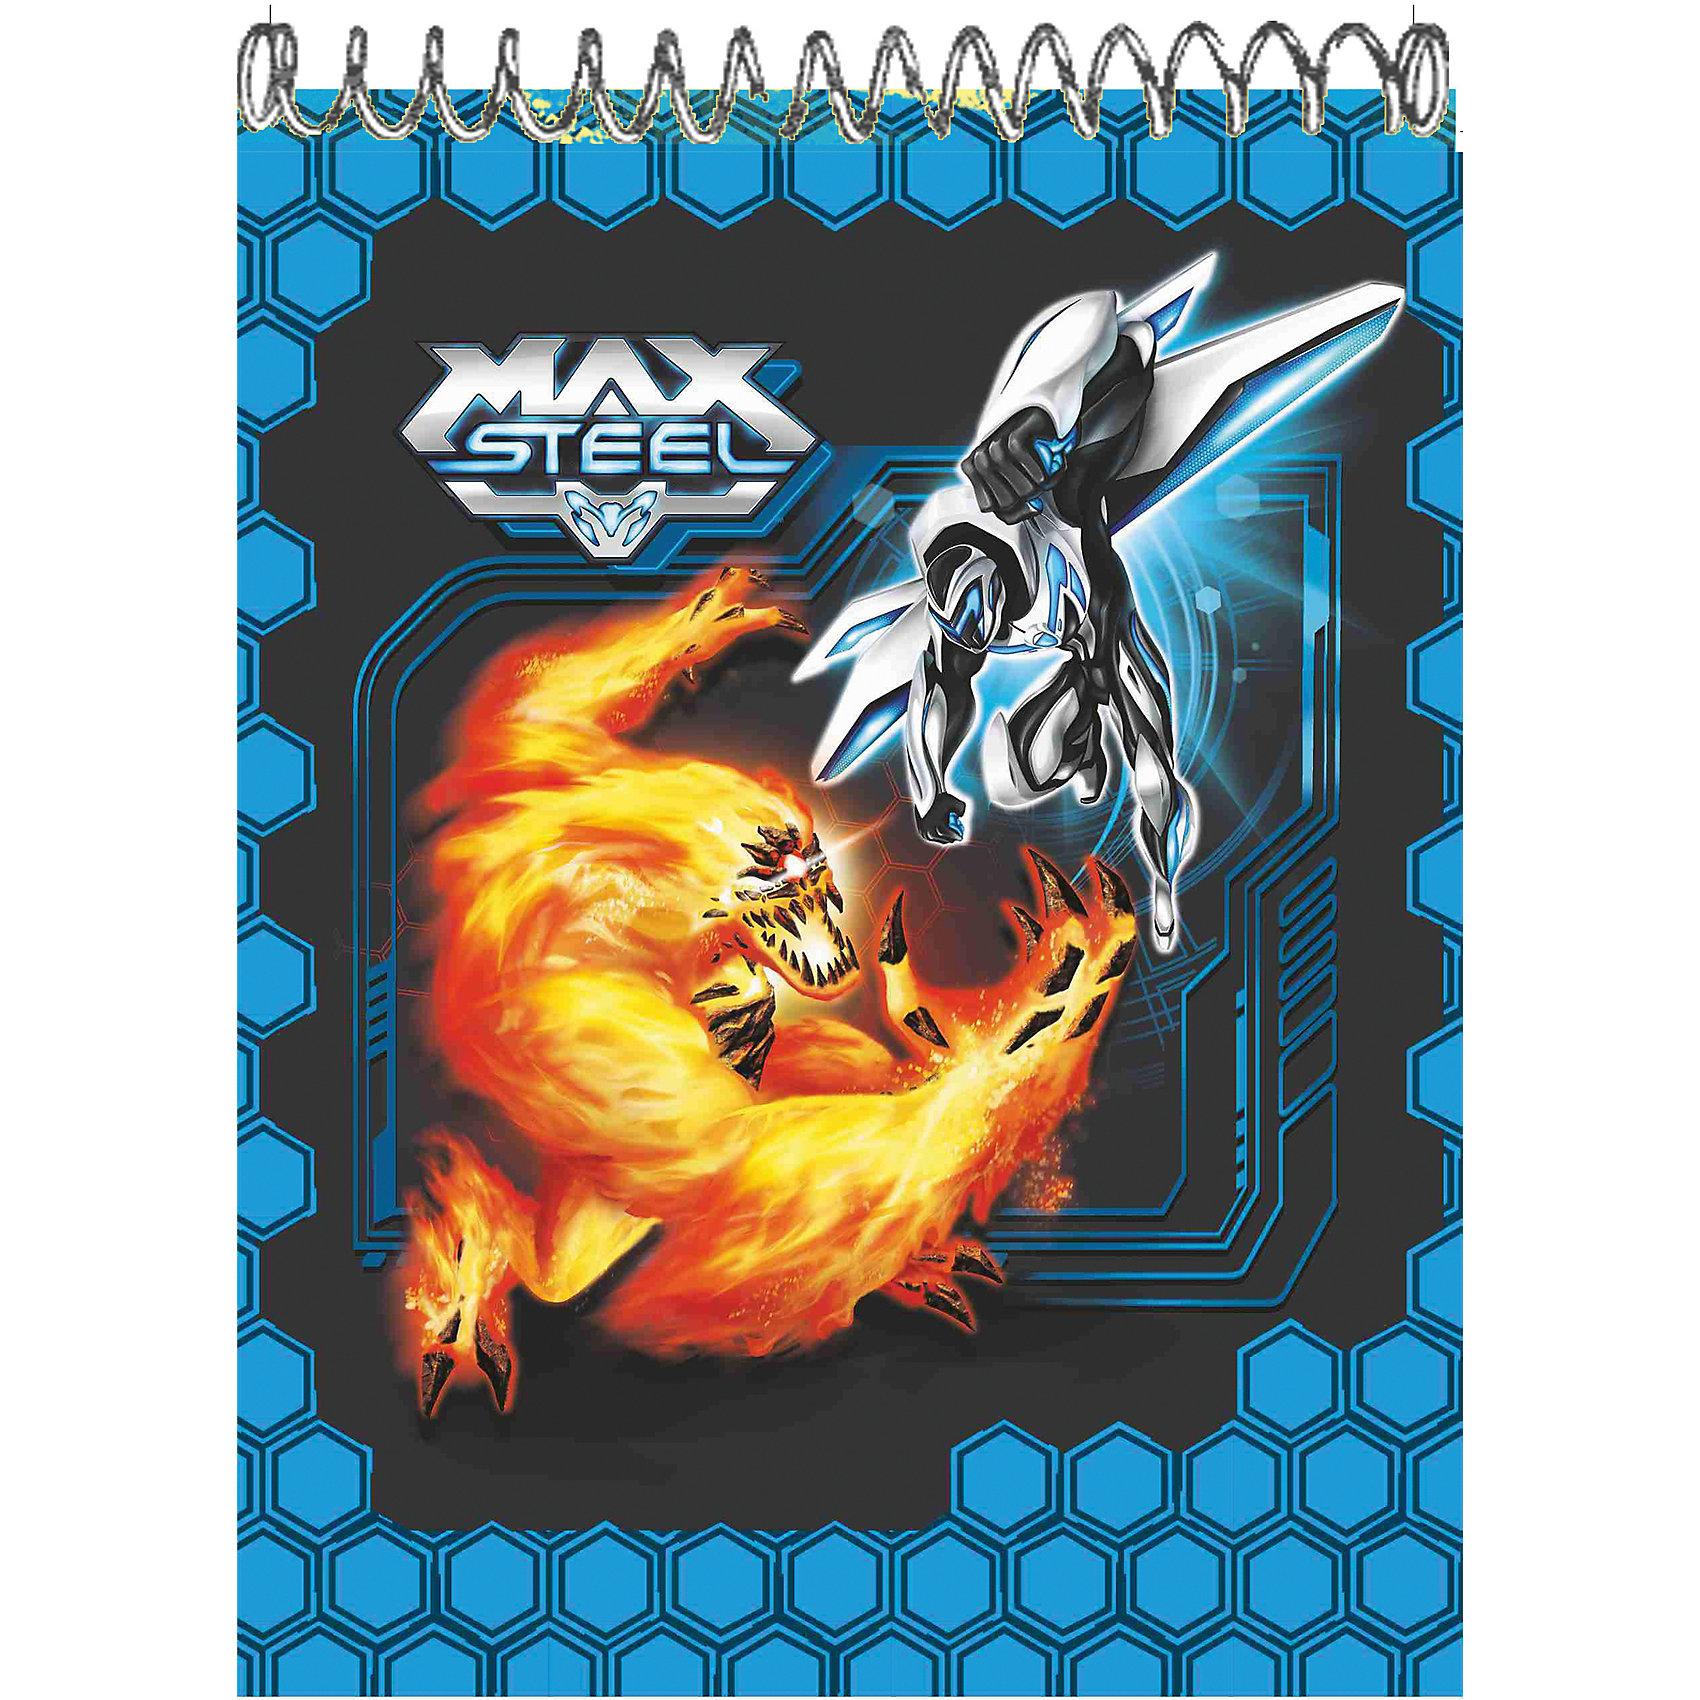 Блокнот Max Steel, формат А5Блокнот Max Steel, формат А5 - это стильный аксессуар для поклонника мультсериала Max Steel.<br>Удобный блокнот на спирали с листами в клетку идеально подойдет вашему ребенку для записей. Обложка из мелованного картона оформлена изображением героев мультсериала Max Steel.<br><br>Дополнительная информация:<br><br>- Формат: А5<br>- Тип крепления: спираль<br>- Количество листов: 60 (клетка)<br>- Размер: 135х205 мм.<br>- Обложка: мелованный картон<br><br>Блокнот Max Steel, формат А5 можно купить в нашем интернет-магазине.<br><br>Ширина мм: 15<br>Глубина мм: 138<br>Высота мм: 200<br>Вес г: 2025<br>Возраст от месяцев: 36<br>Возраст до месяцев: 120<br>Пол: Мужской<br>Возраст: Детский<br>SKU: 4535549